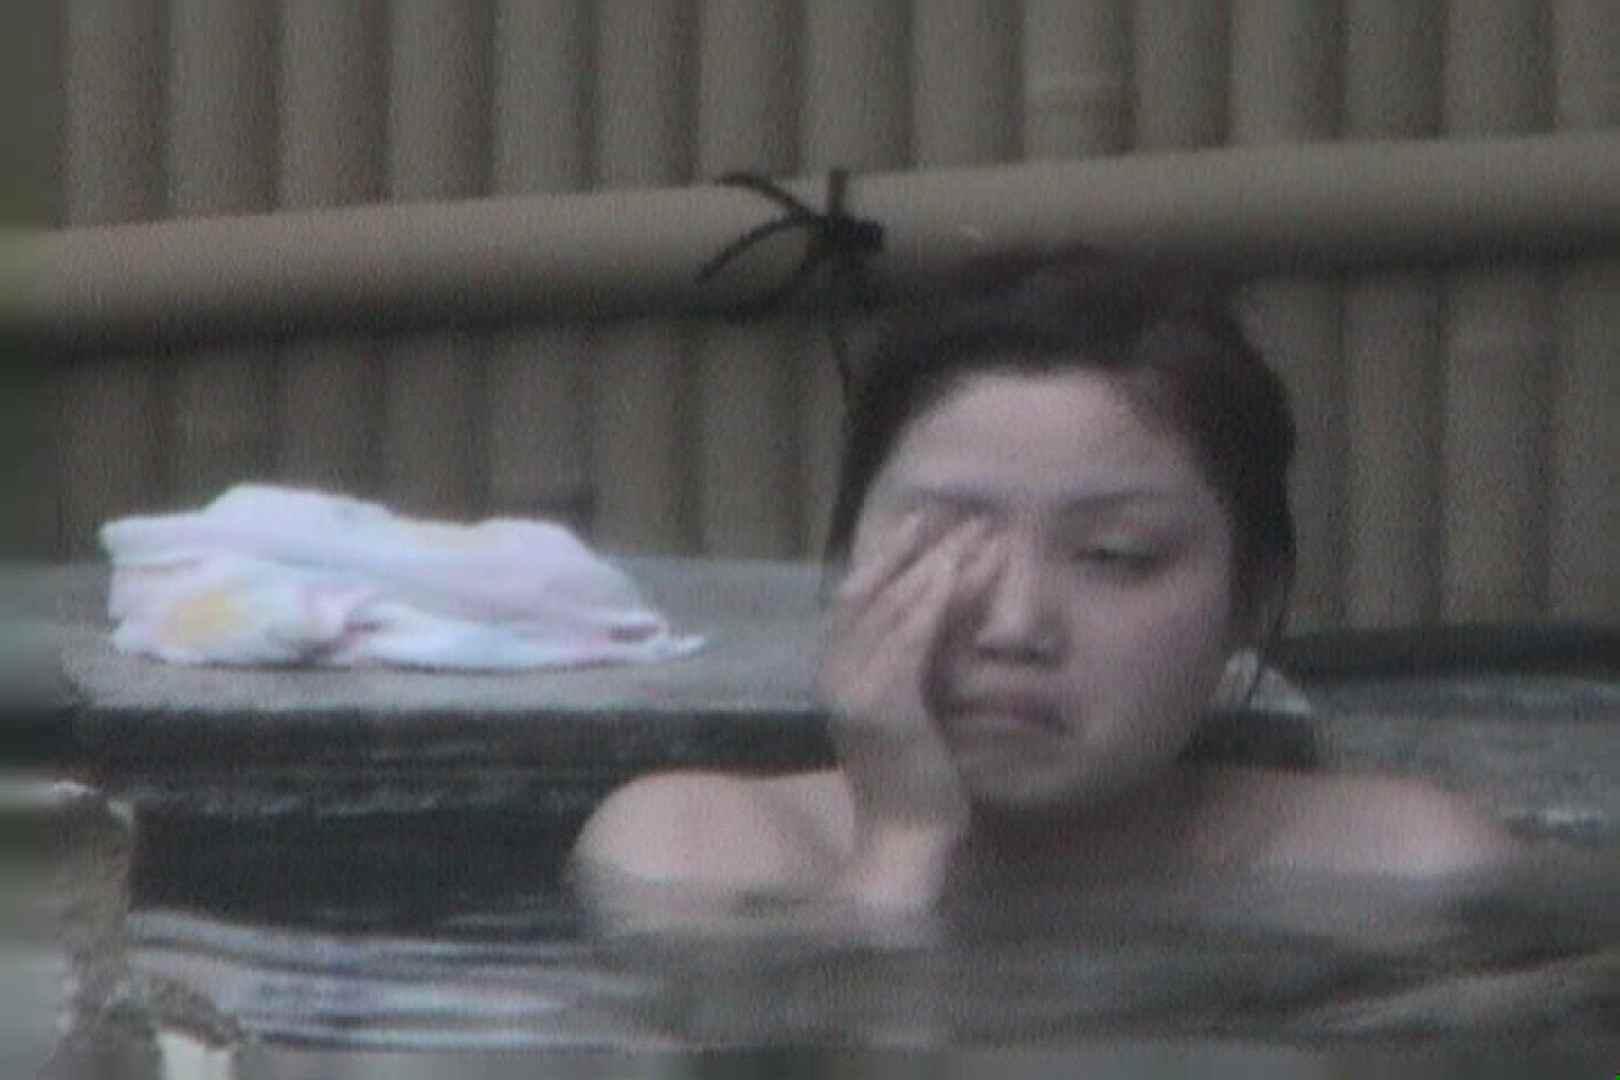 Aquaな露天風呂Vol.602 盗撮師作品 | 美しいOLの裸体  98pic 82